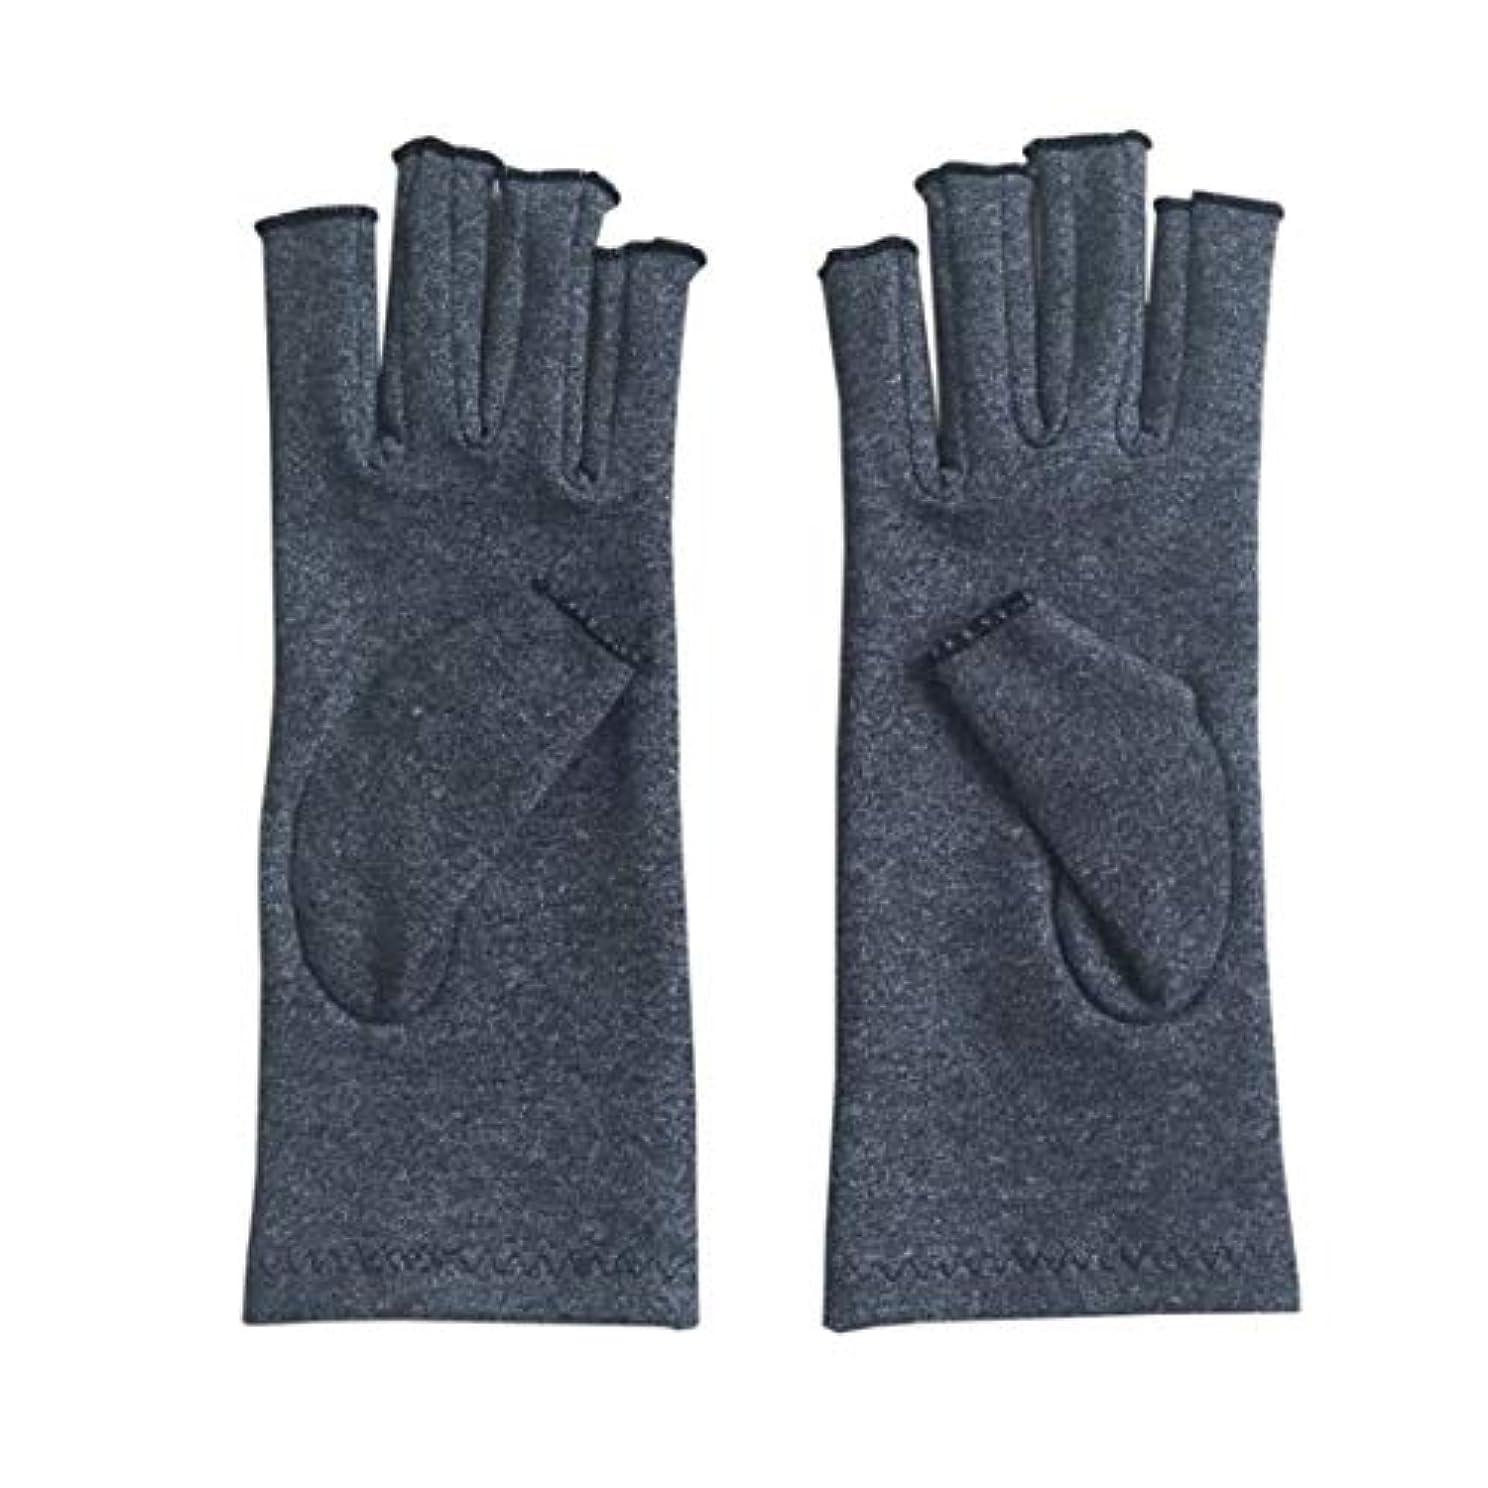 ムス法廷警察ペア/セットの快適な男性の女性療法の圧縮手袋無地の通気性関節炎の関節の痛みを軽減する手袋 - グレーS